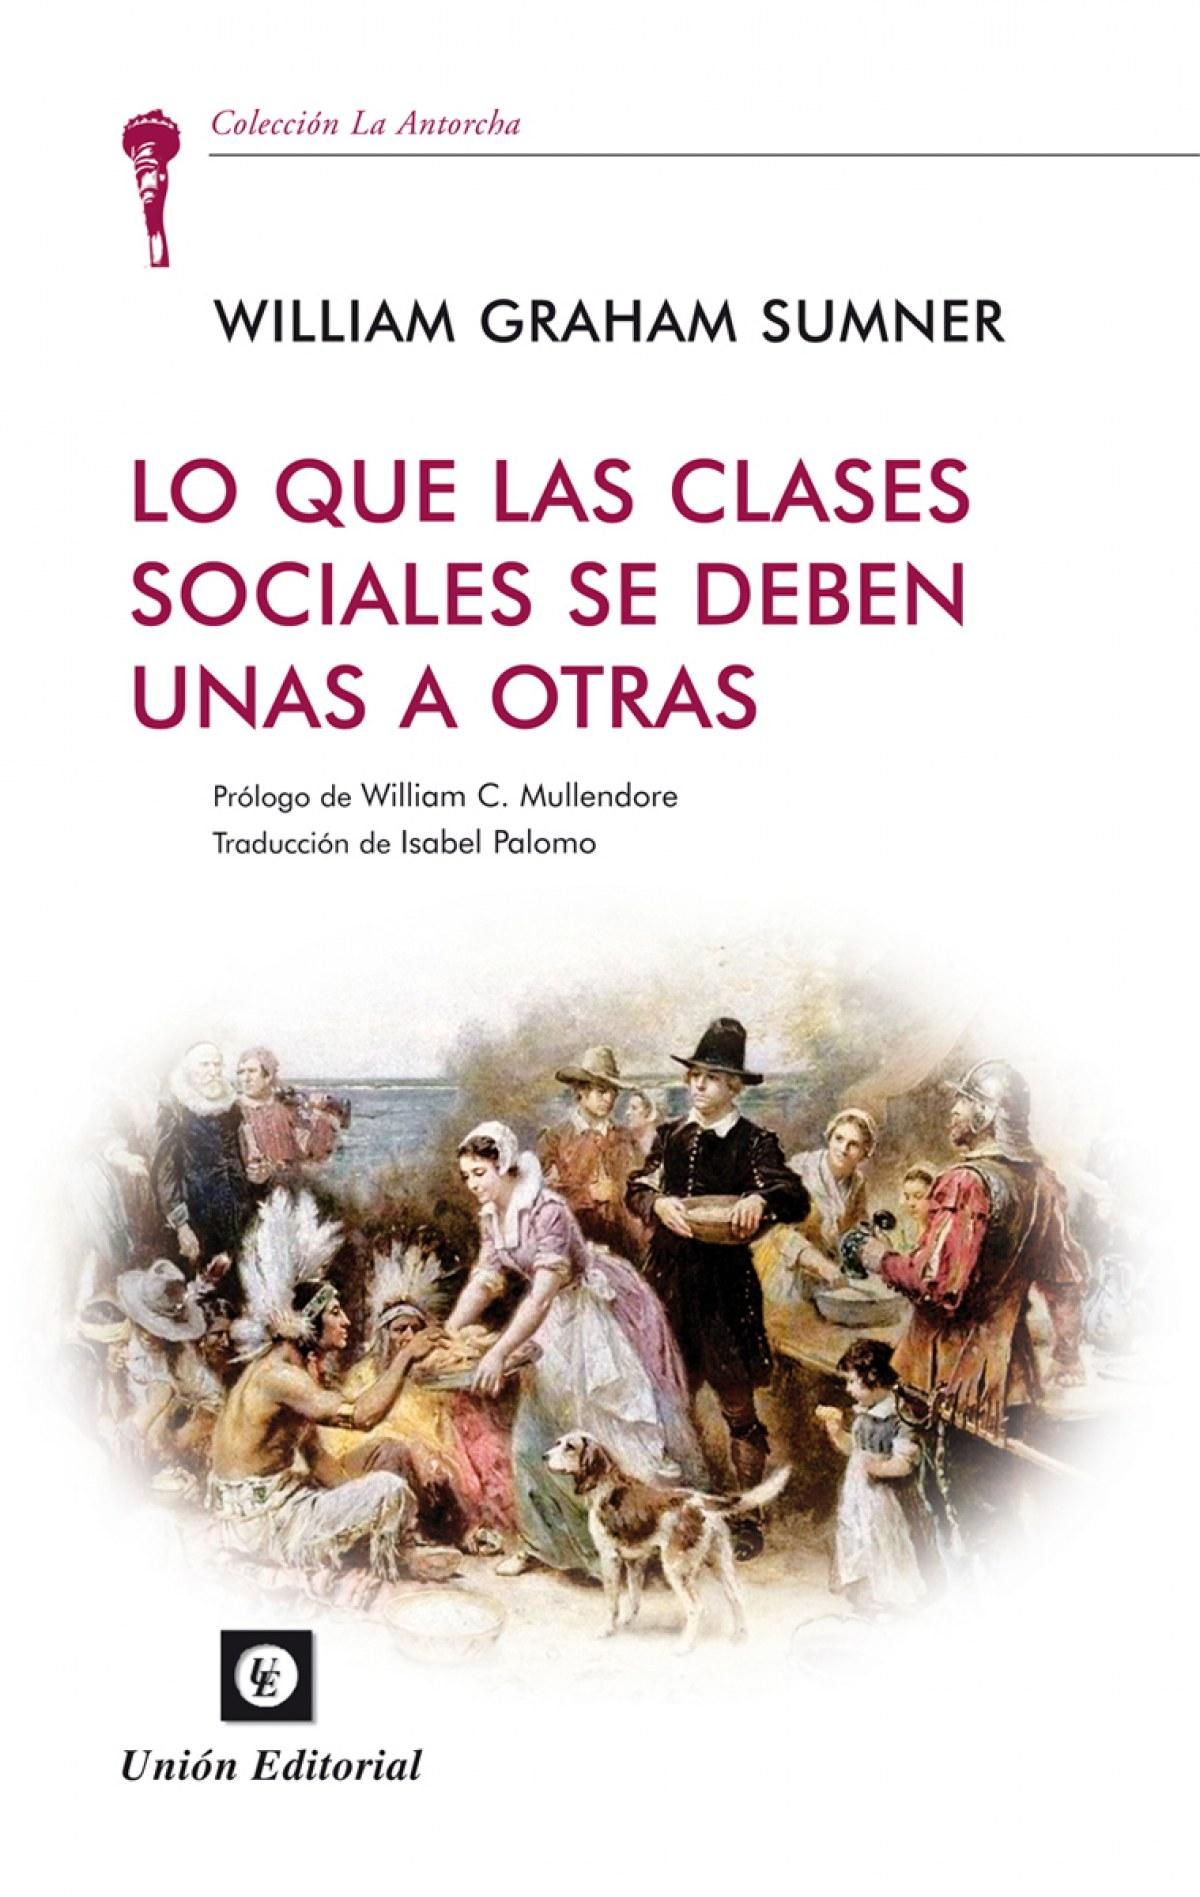 Lo Que Las Clases Sociales Se Deben Unas